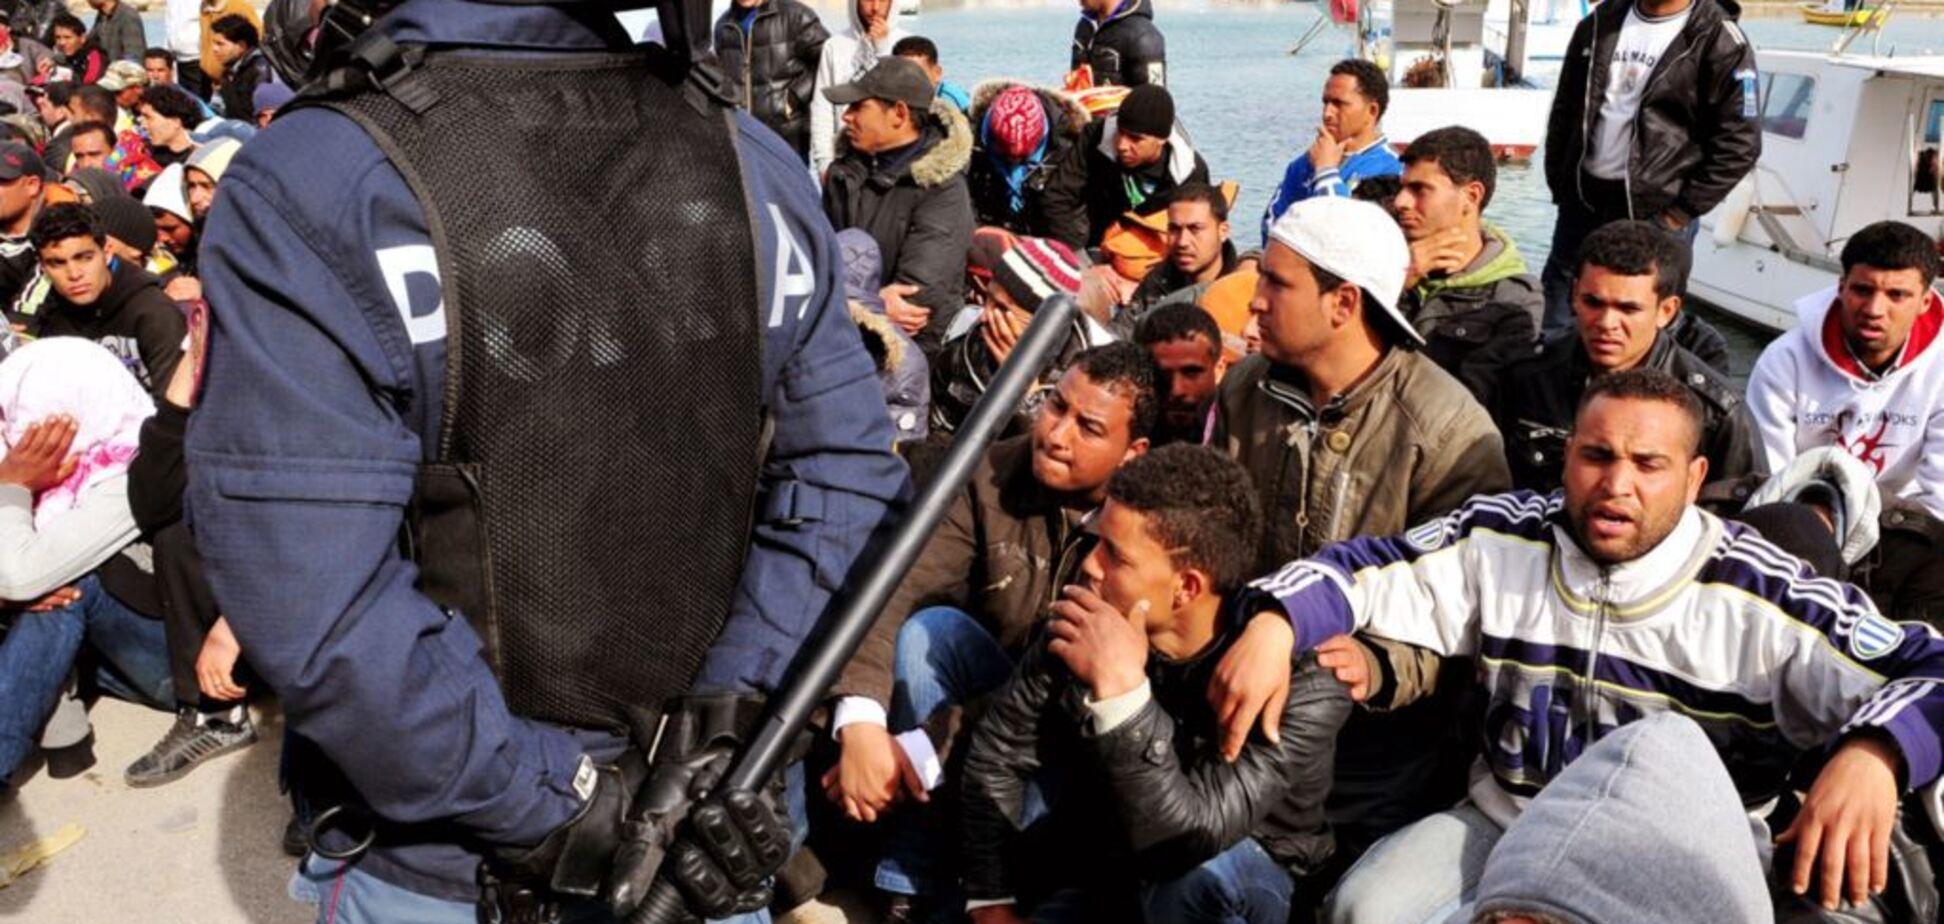 Франція протестує: Боровий попередив про розкол через мігрантів